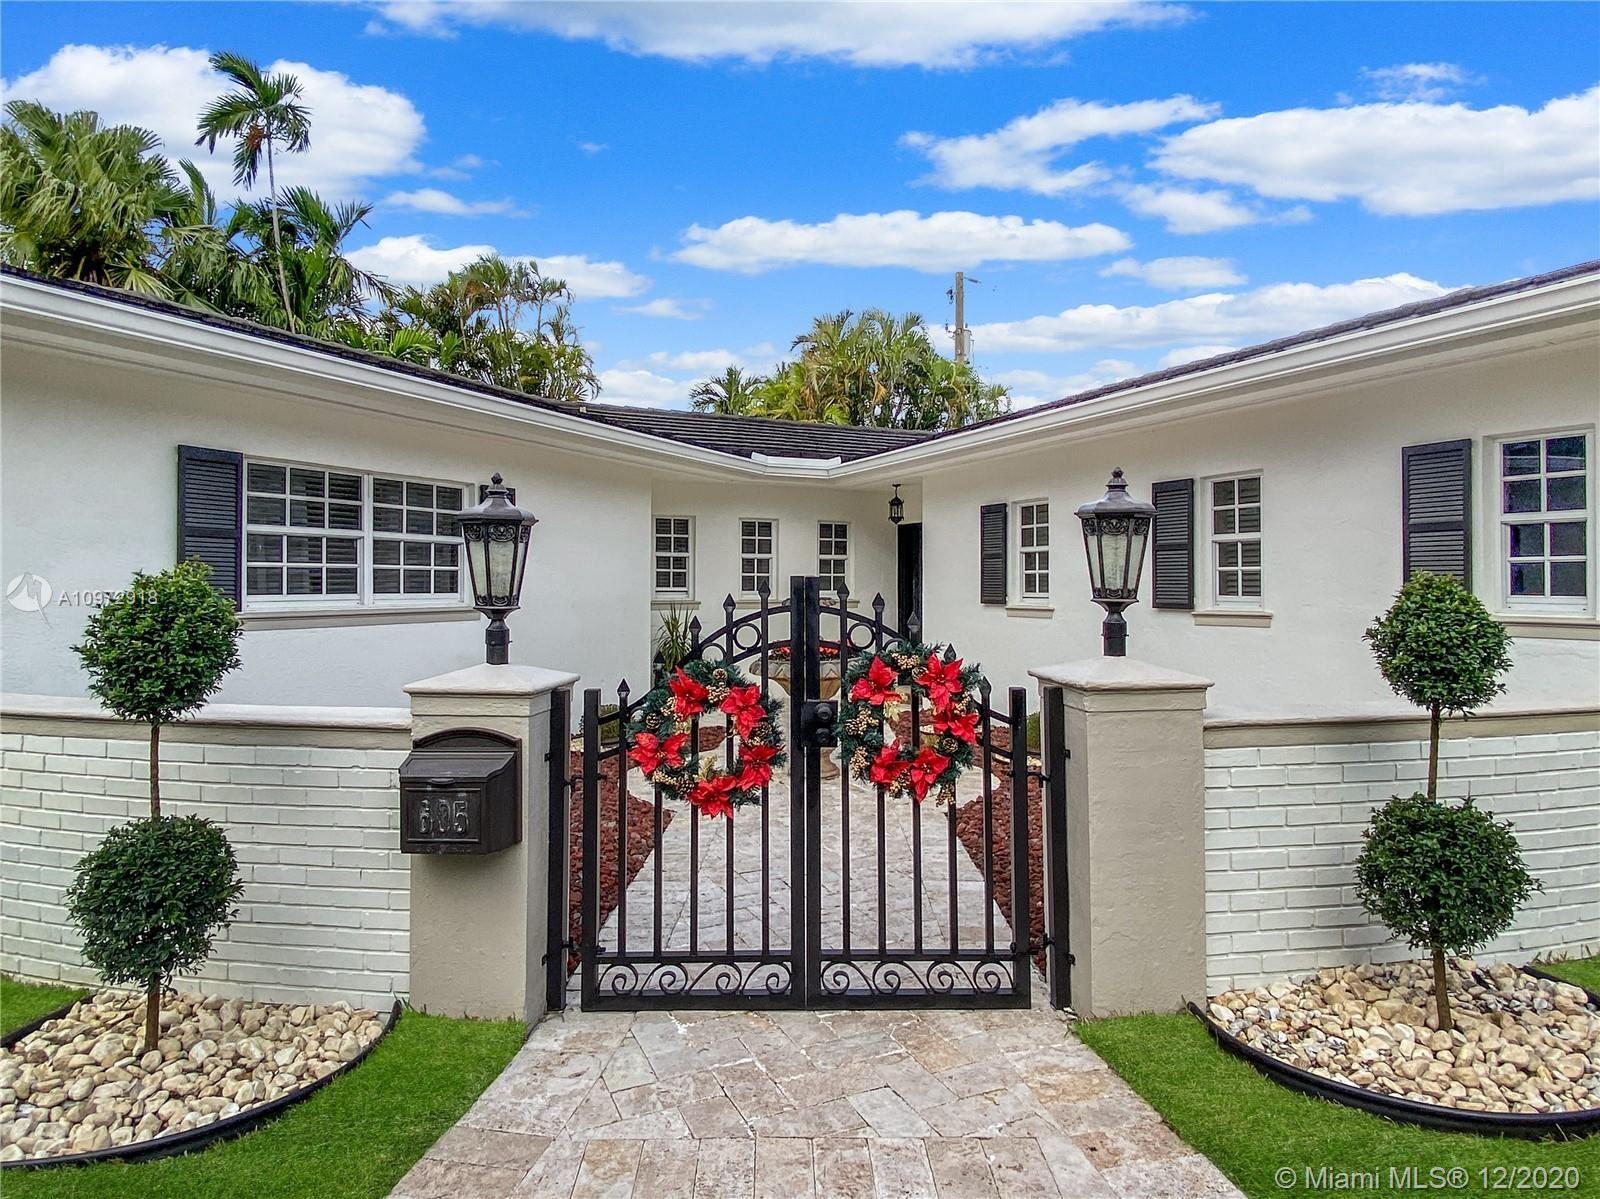 605 Blue Rd, Coral Gables, FL 33146 - #: A10972918